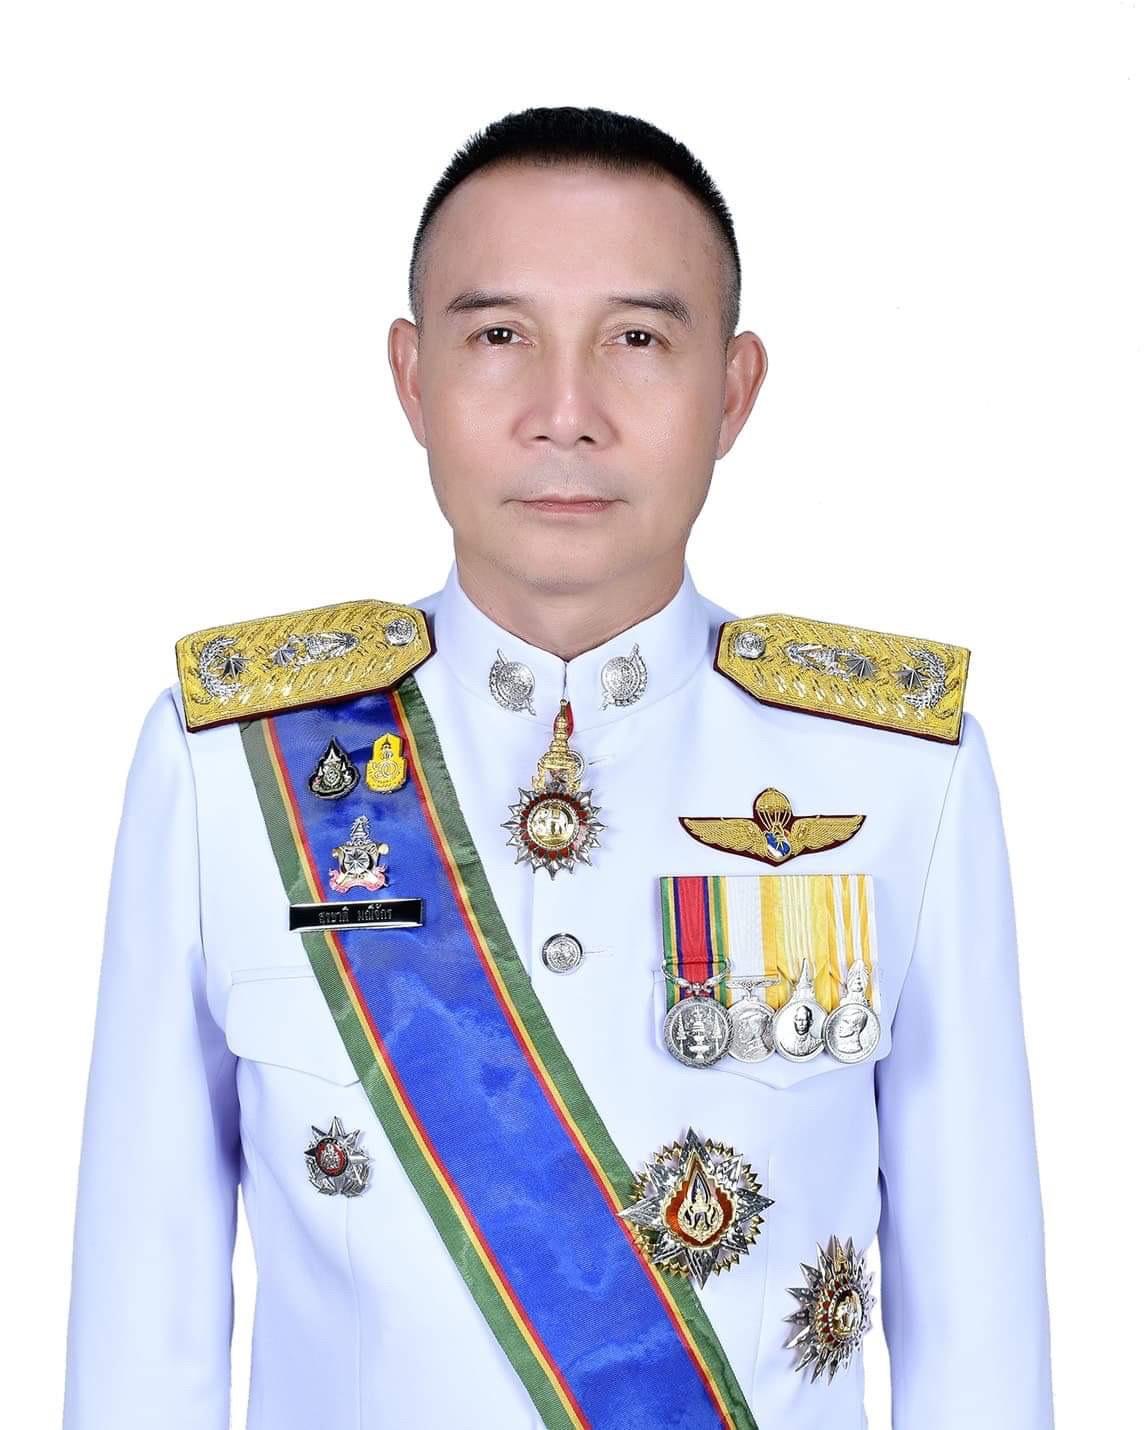 พล.ต.ต.สุรชาติ มณีจักร ผู้บังคับการตำรวจสันติบาล3